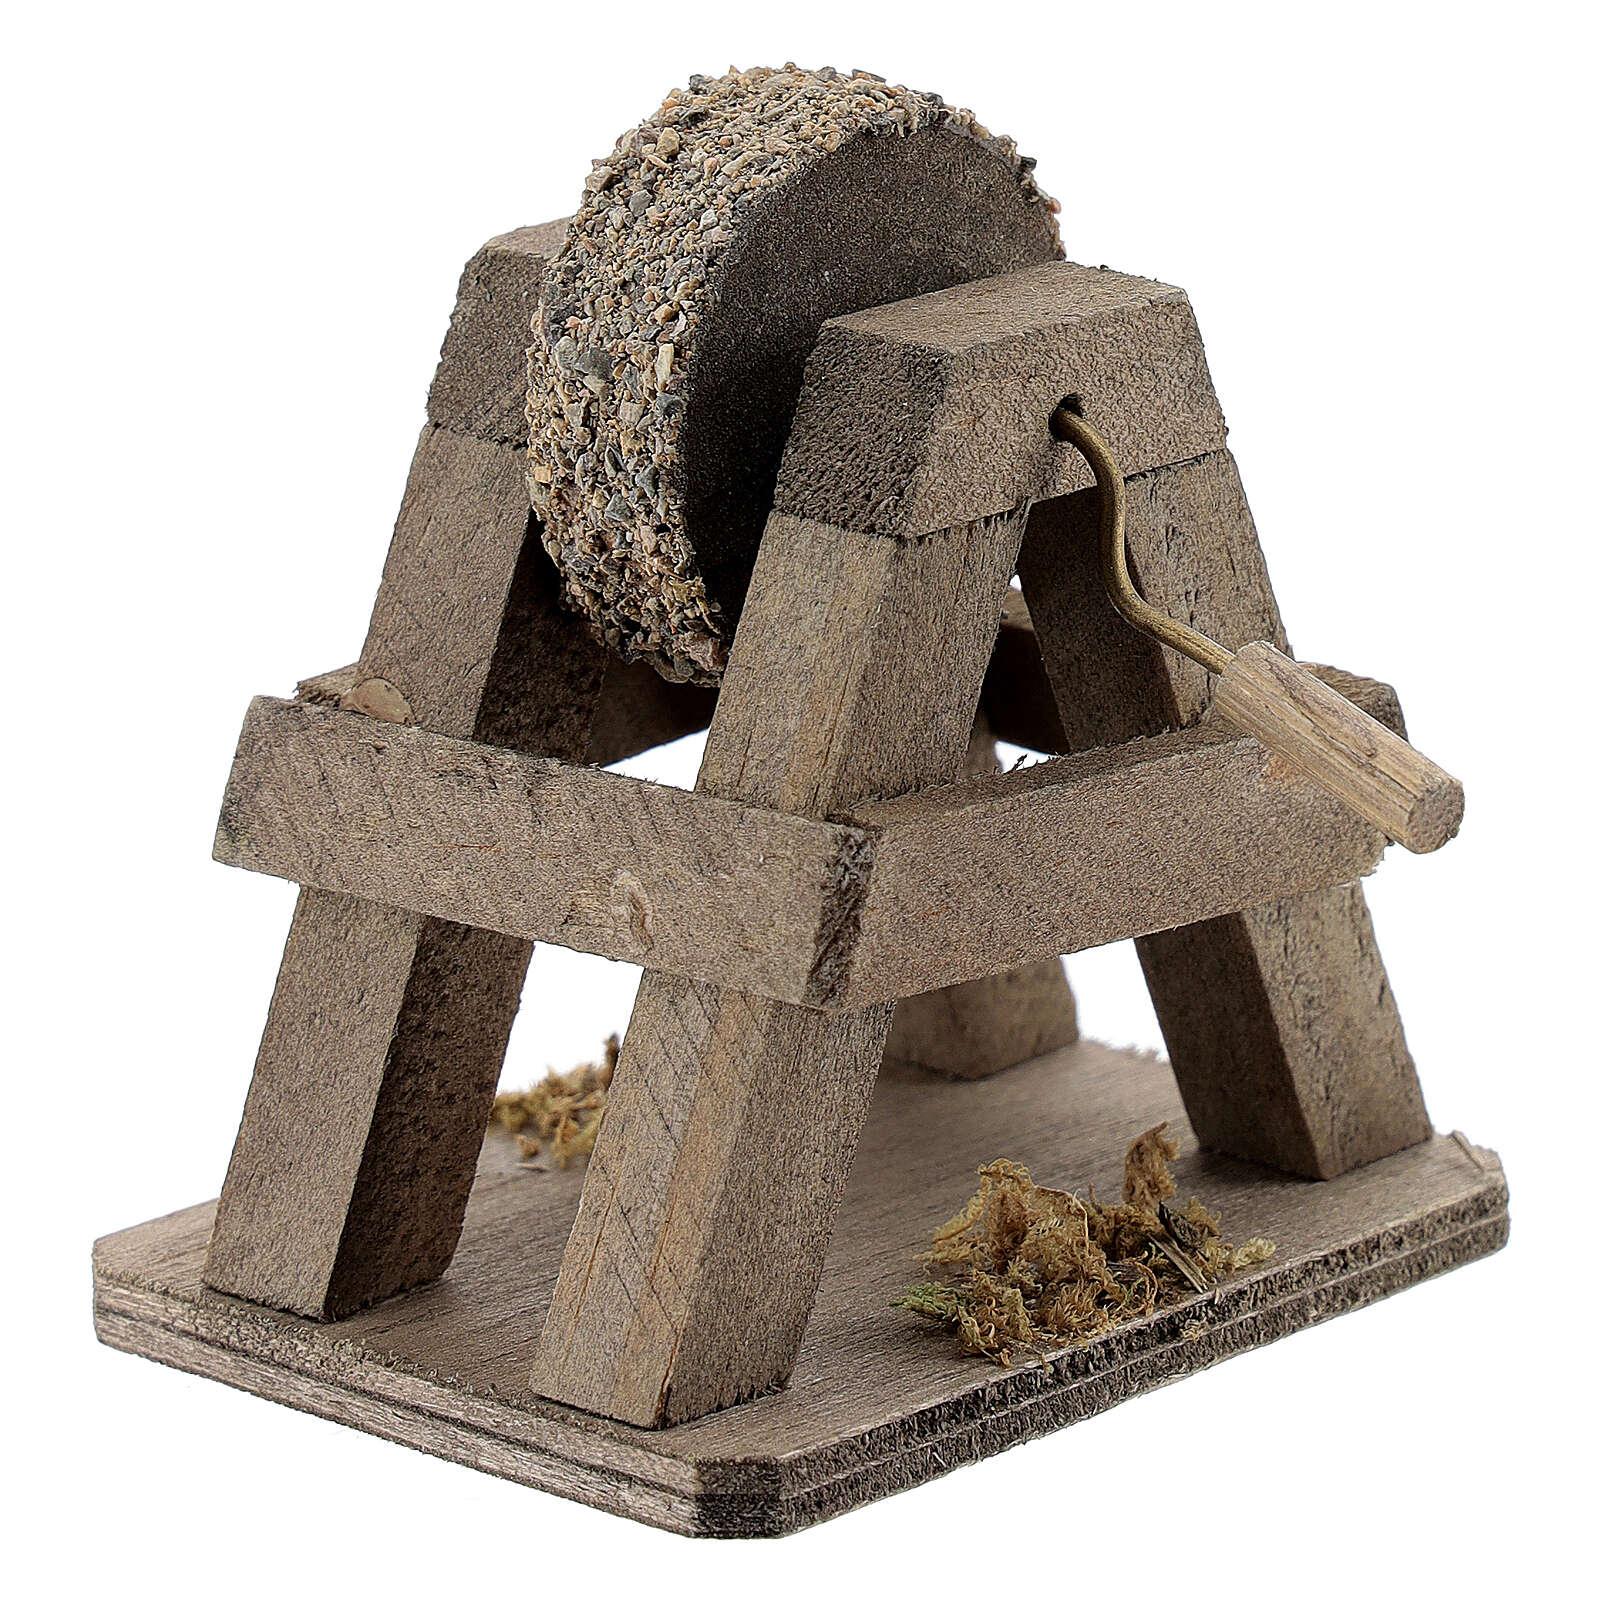 Rebolo para afiar miniatura madeira para presépio com figuras altura média 12-14 cm 4